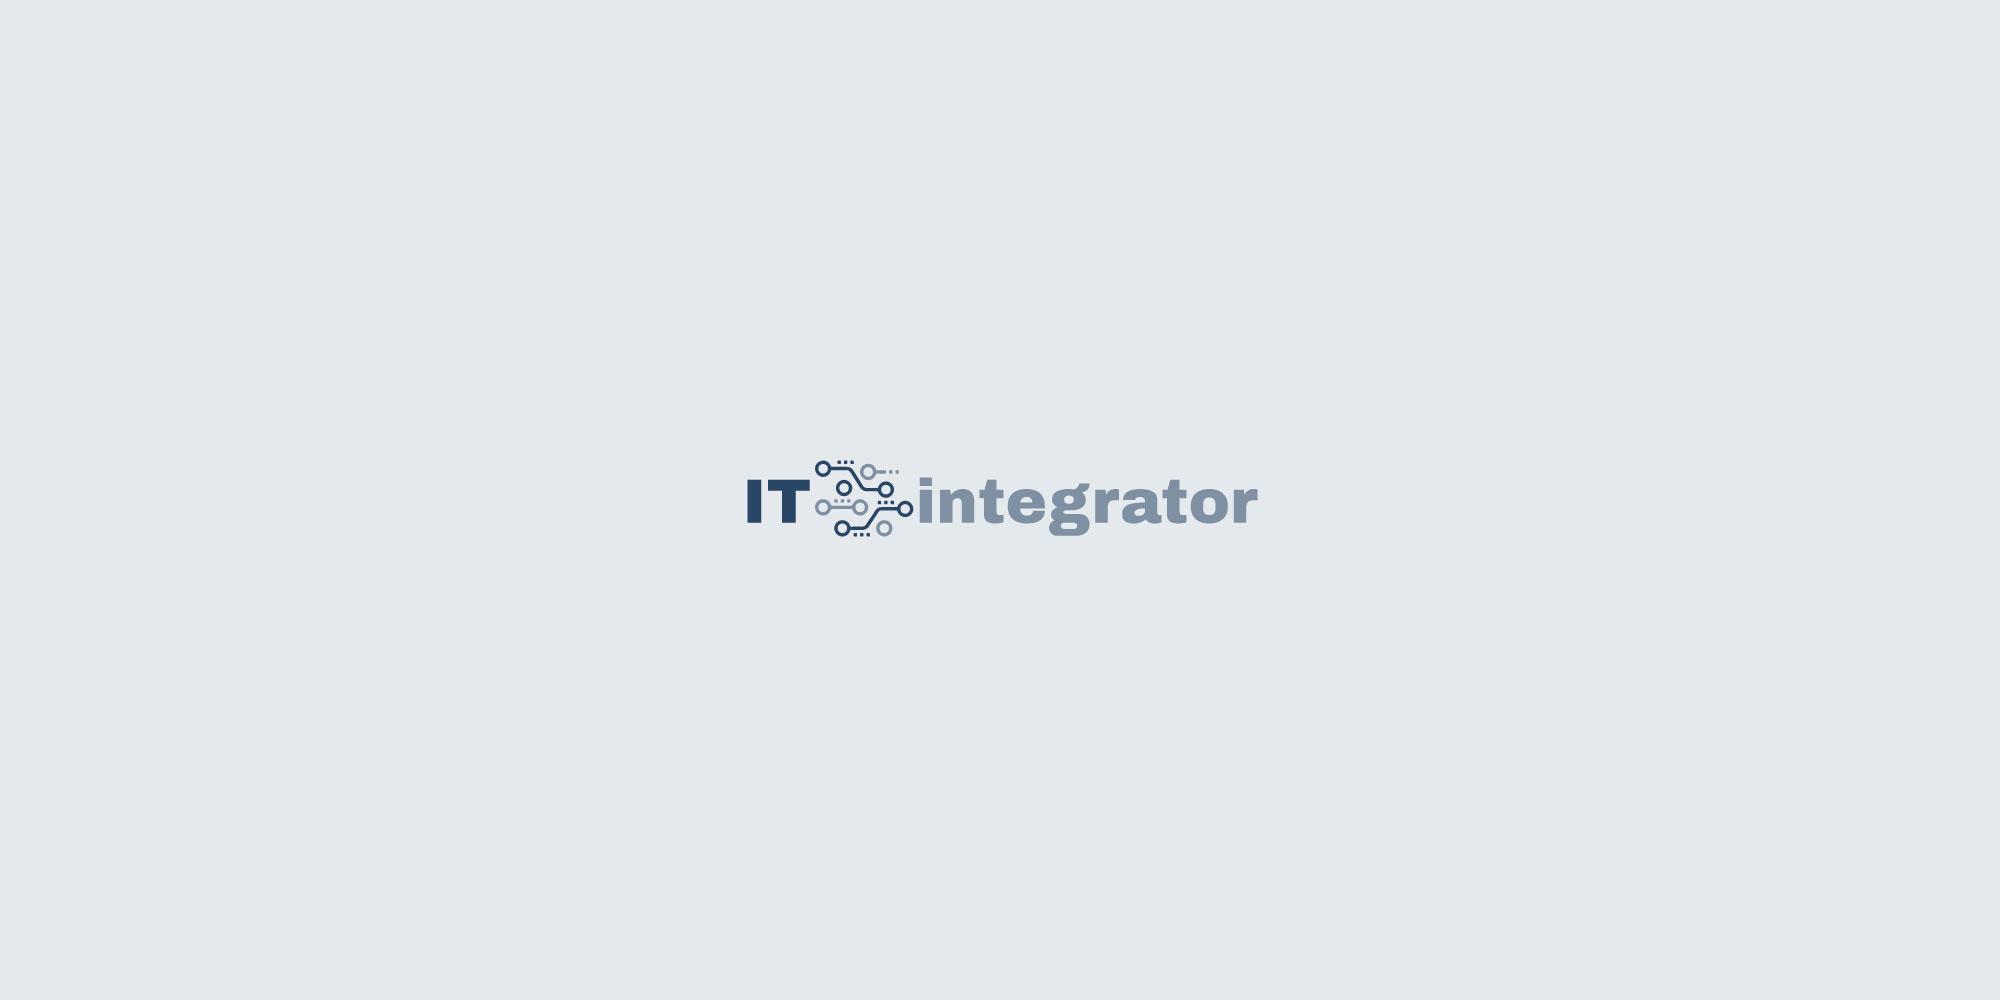 Логотип для IT интегратора фото f_625614c5b657ac6b.jpg